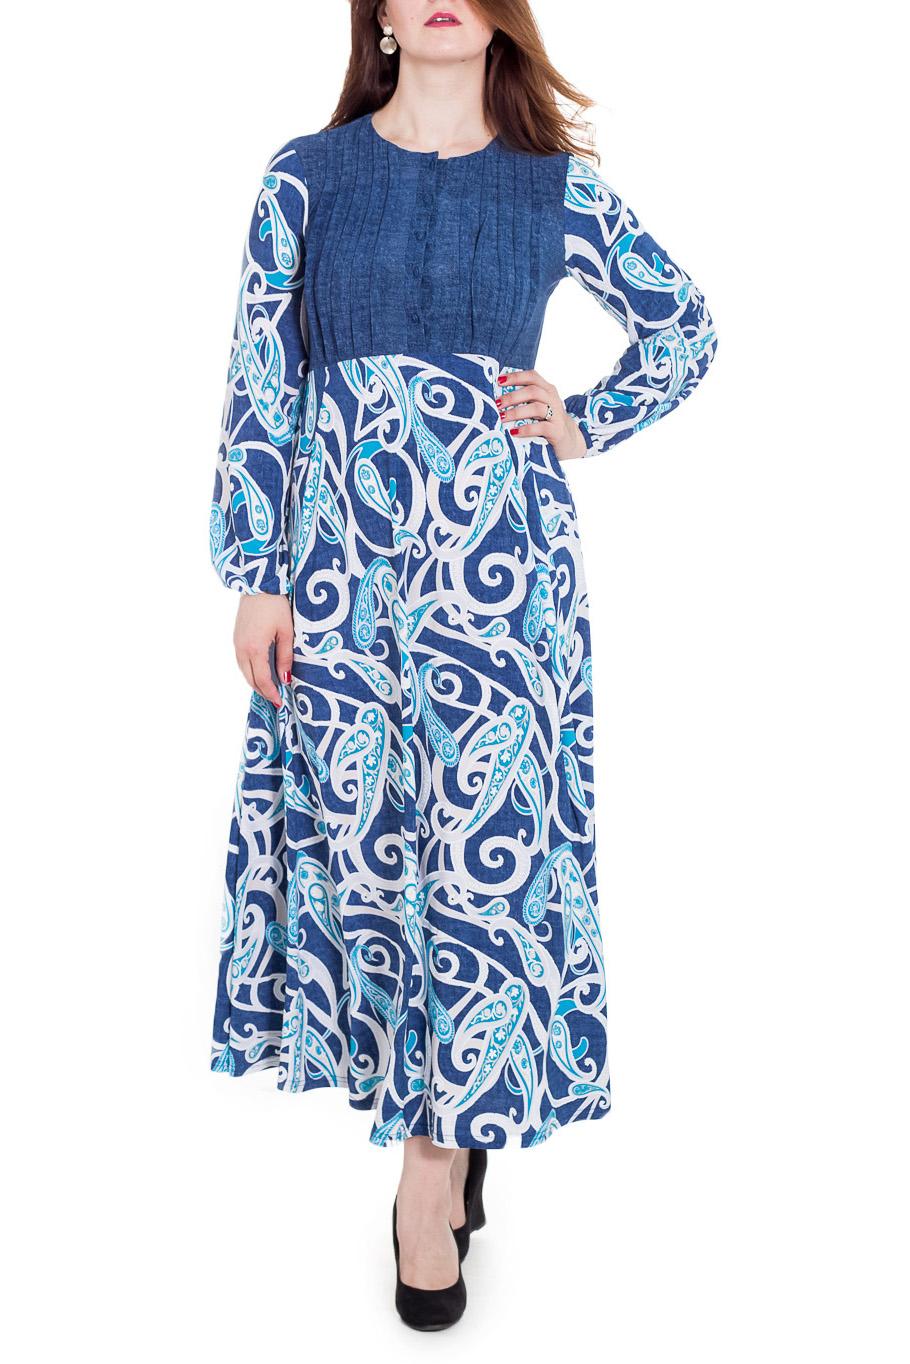 ПлатьеПлатья<br>Эффектное платье в пол. Модель полуприталенного силуэта из приятного трикотажа. Отличный вариант для повседневного гардероба  Цвет: синий, голубой, белый  Рост девушки-фотомодели 180 см<br><br>Горловина: С- горловина<br>По длине: Макси<br>По материалу: Вискоза,Трикотаж<br>По рисунку: С принтом,Цветные,Этнические<br>По силуэту: Полуприталенные<br>По стилю: Повседневный стиль<br>По форме: Платье - трапеция<br>Рукав: Длинный рукав<br>По сезону: Осень,Весна<br>Размер : 48,50<br>Материал: Холодное масло<br>Количество в наличии: 2